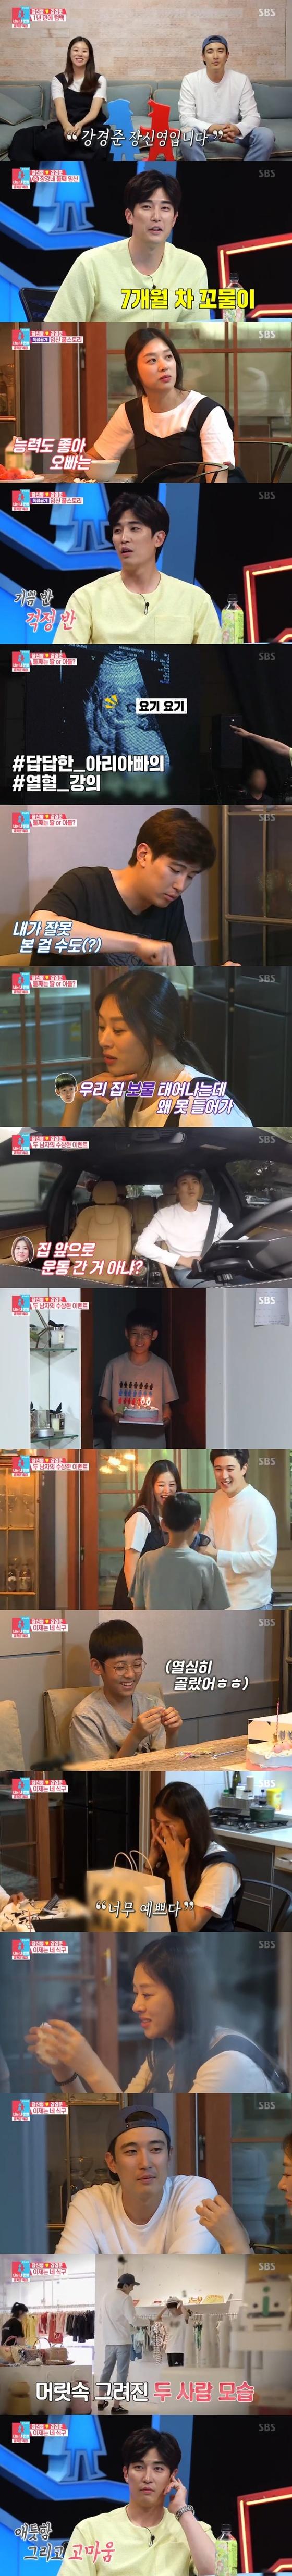 '동상이몽2' 장신영♥강경준, 둘째 소식→'눈물의 이벤트'까지(종합)